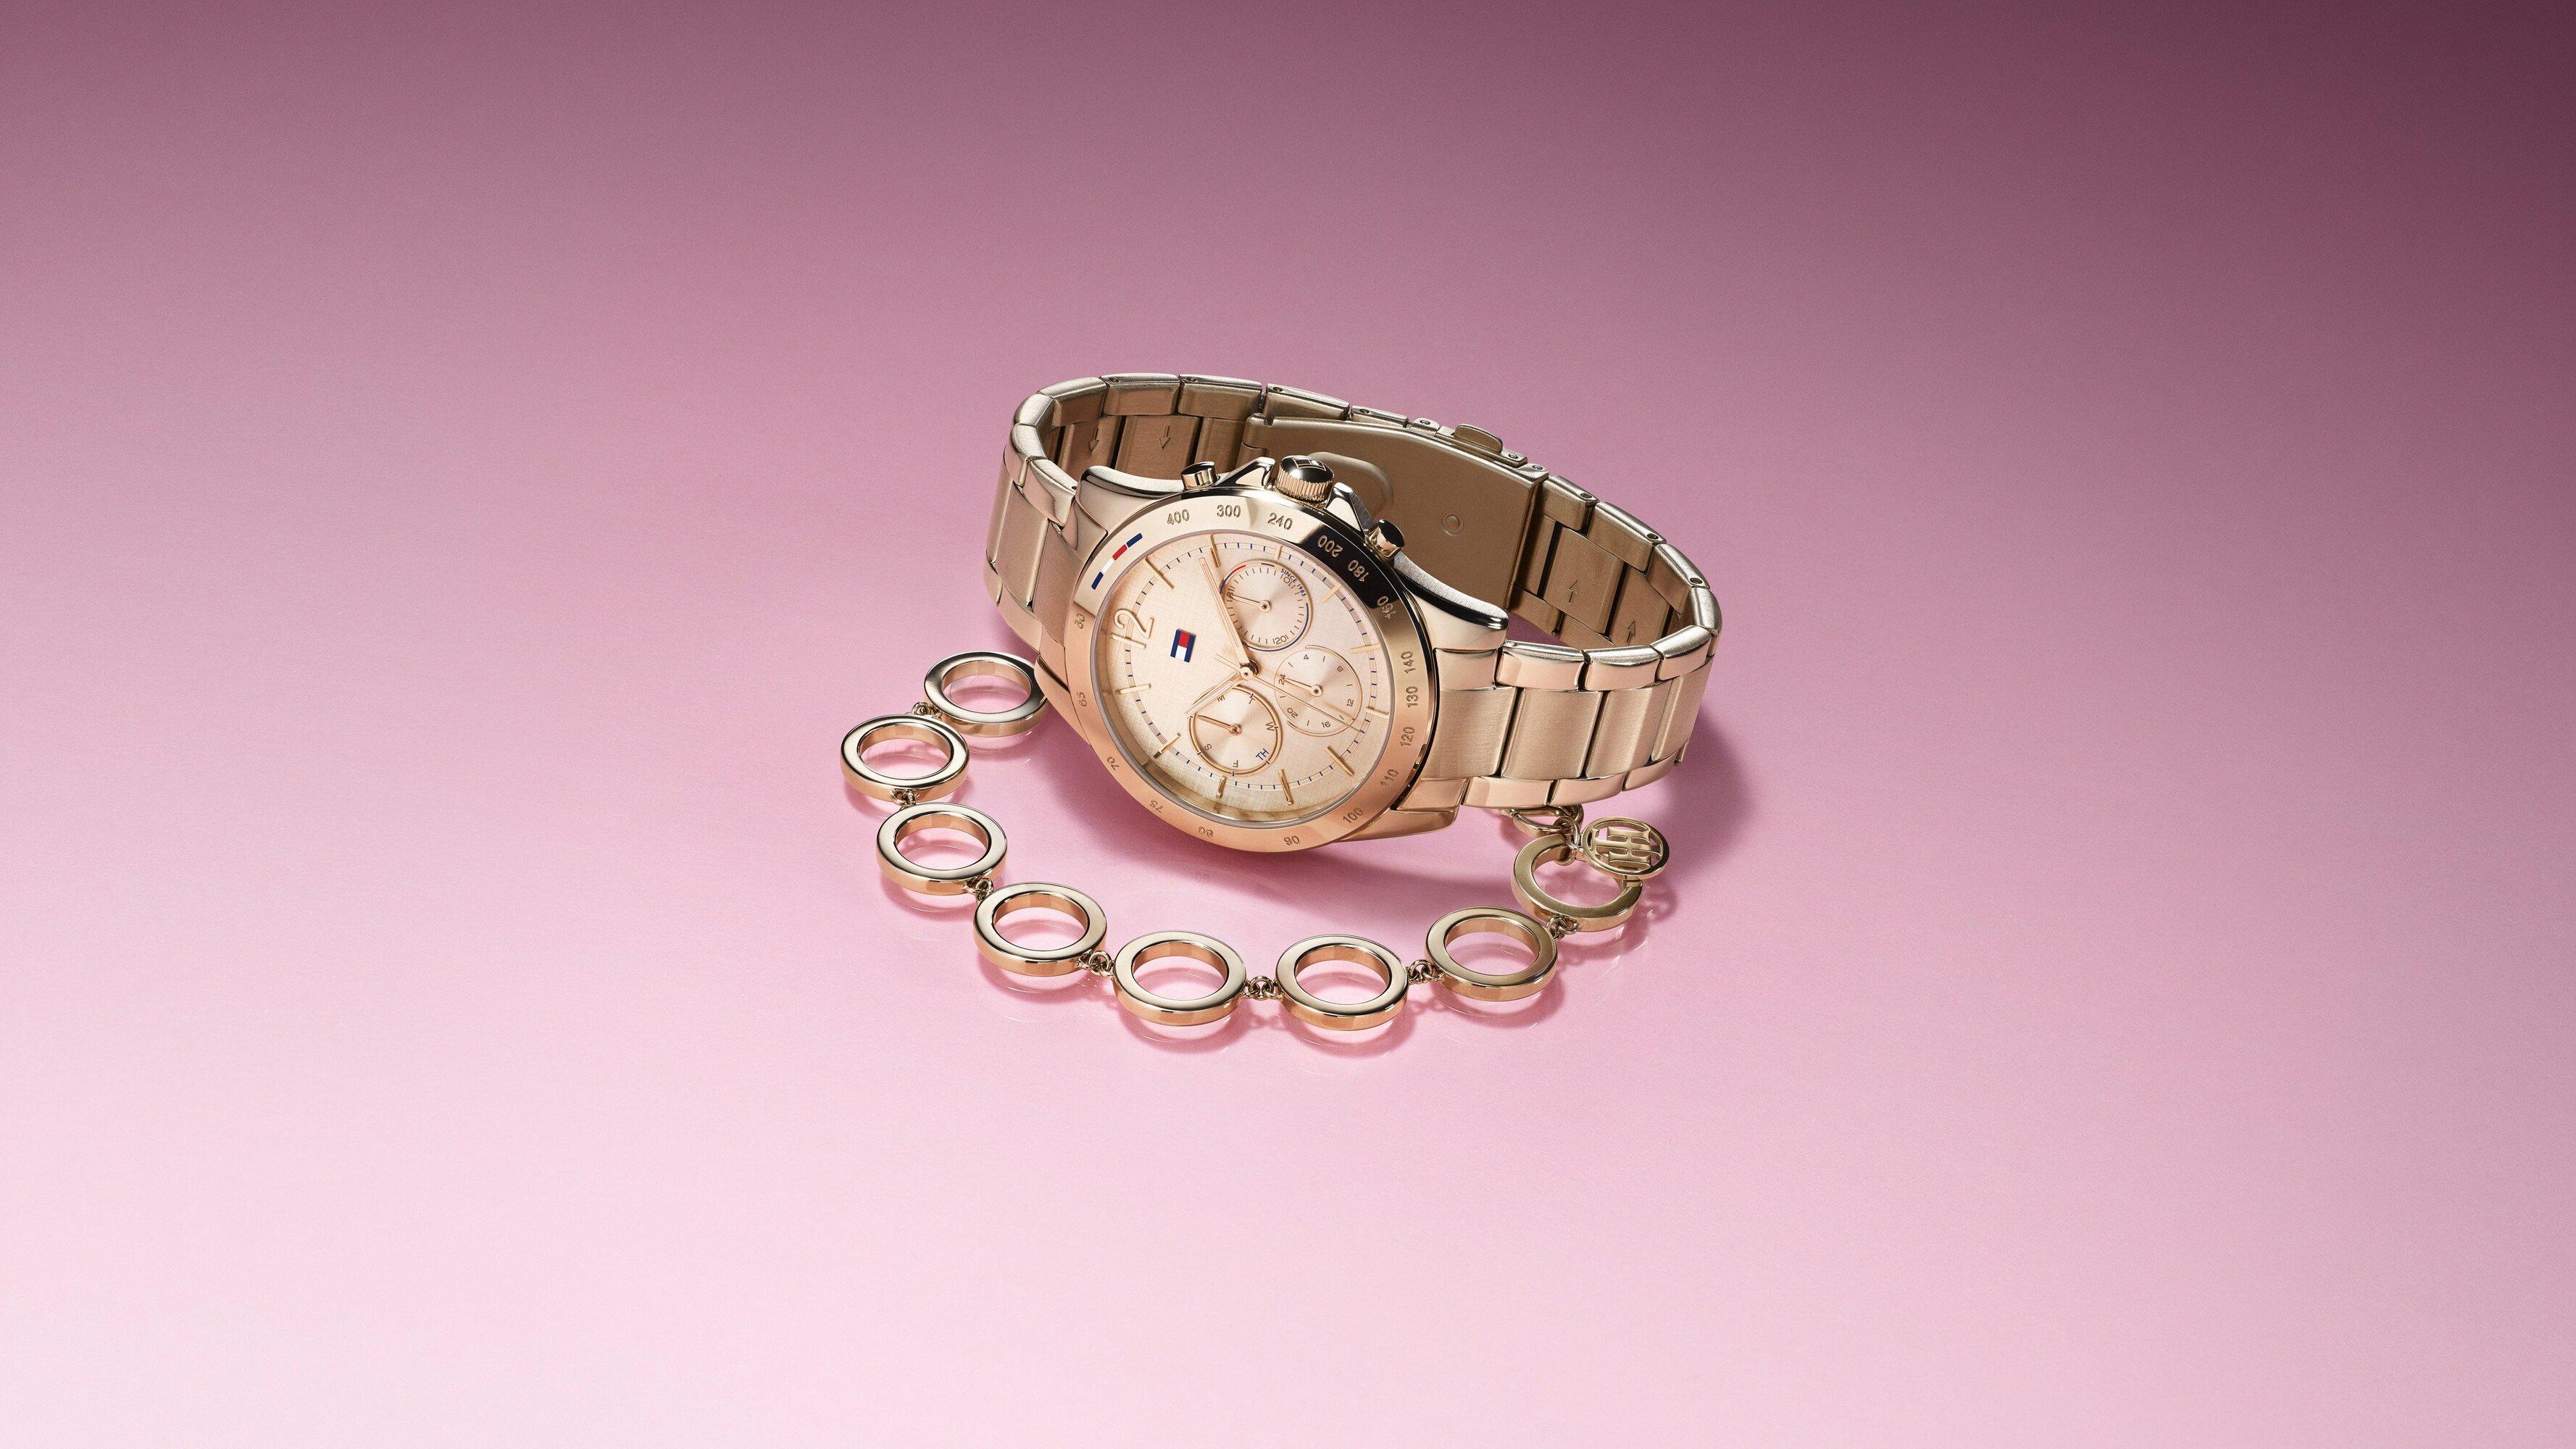 Zegarek Tommy Hilfiger dla niej